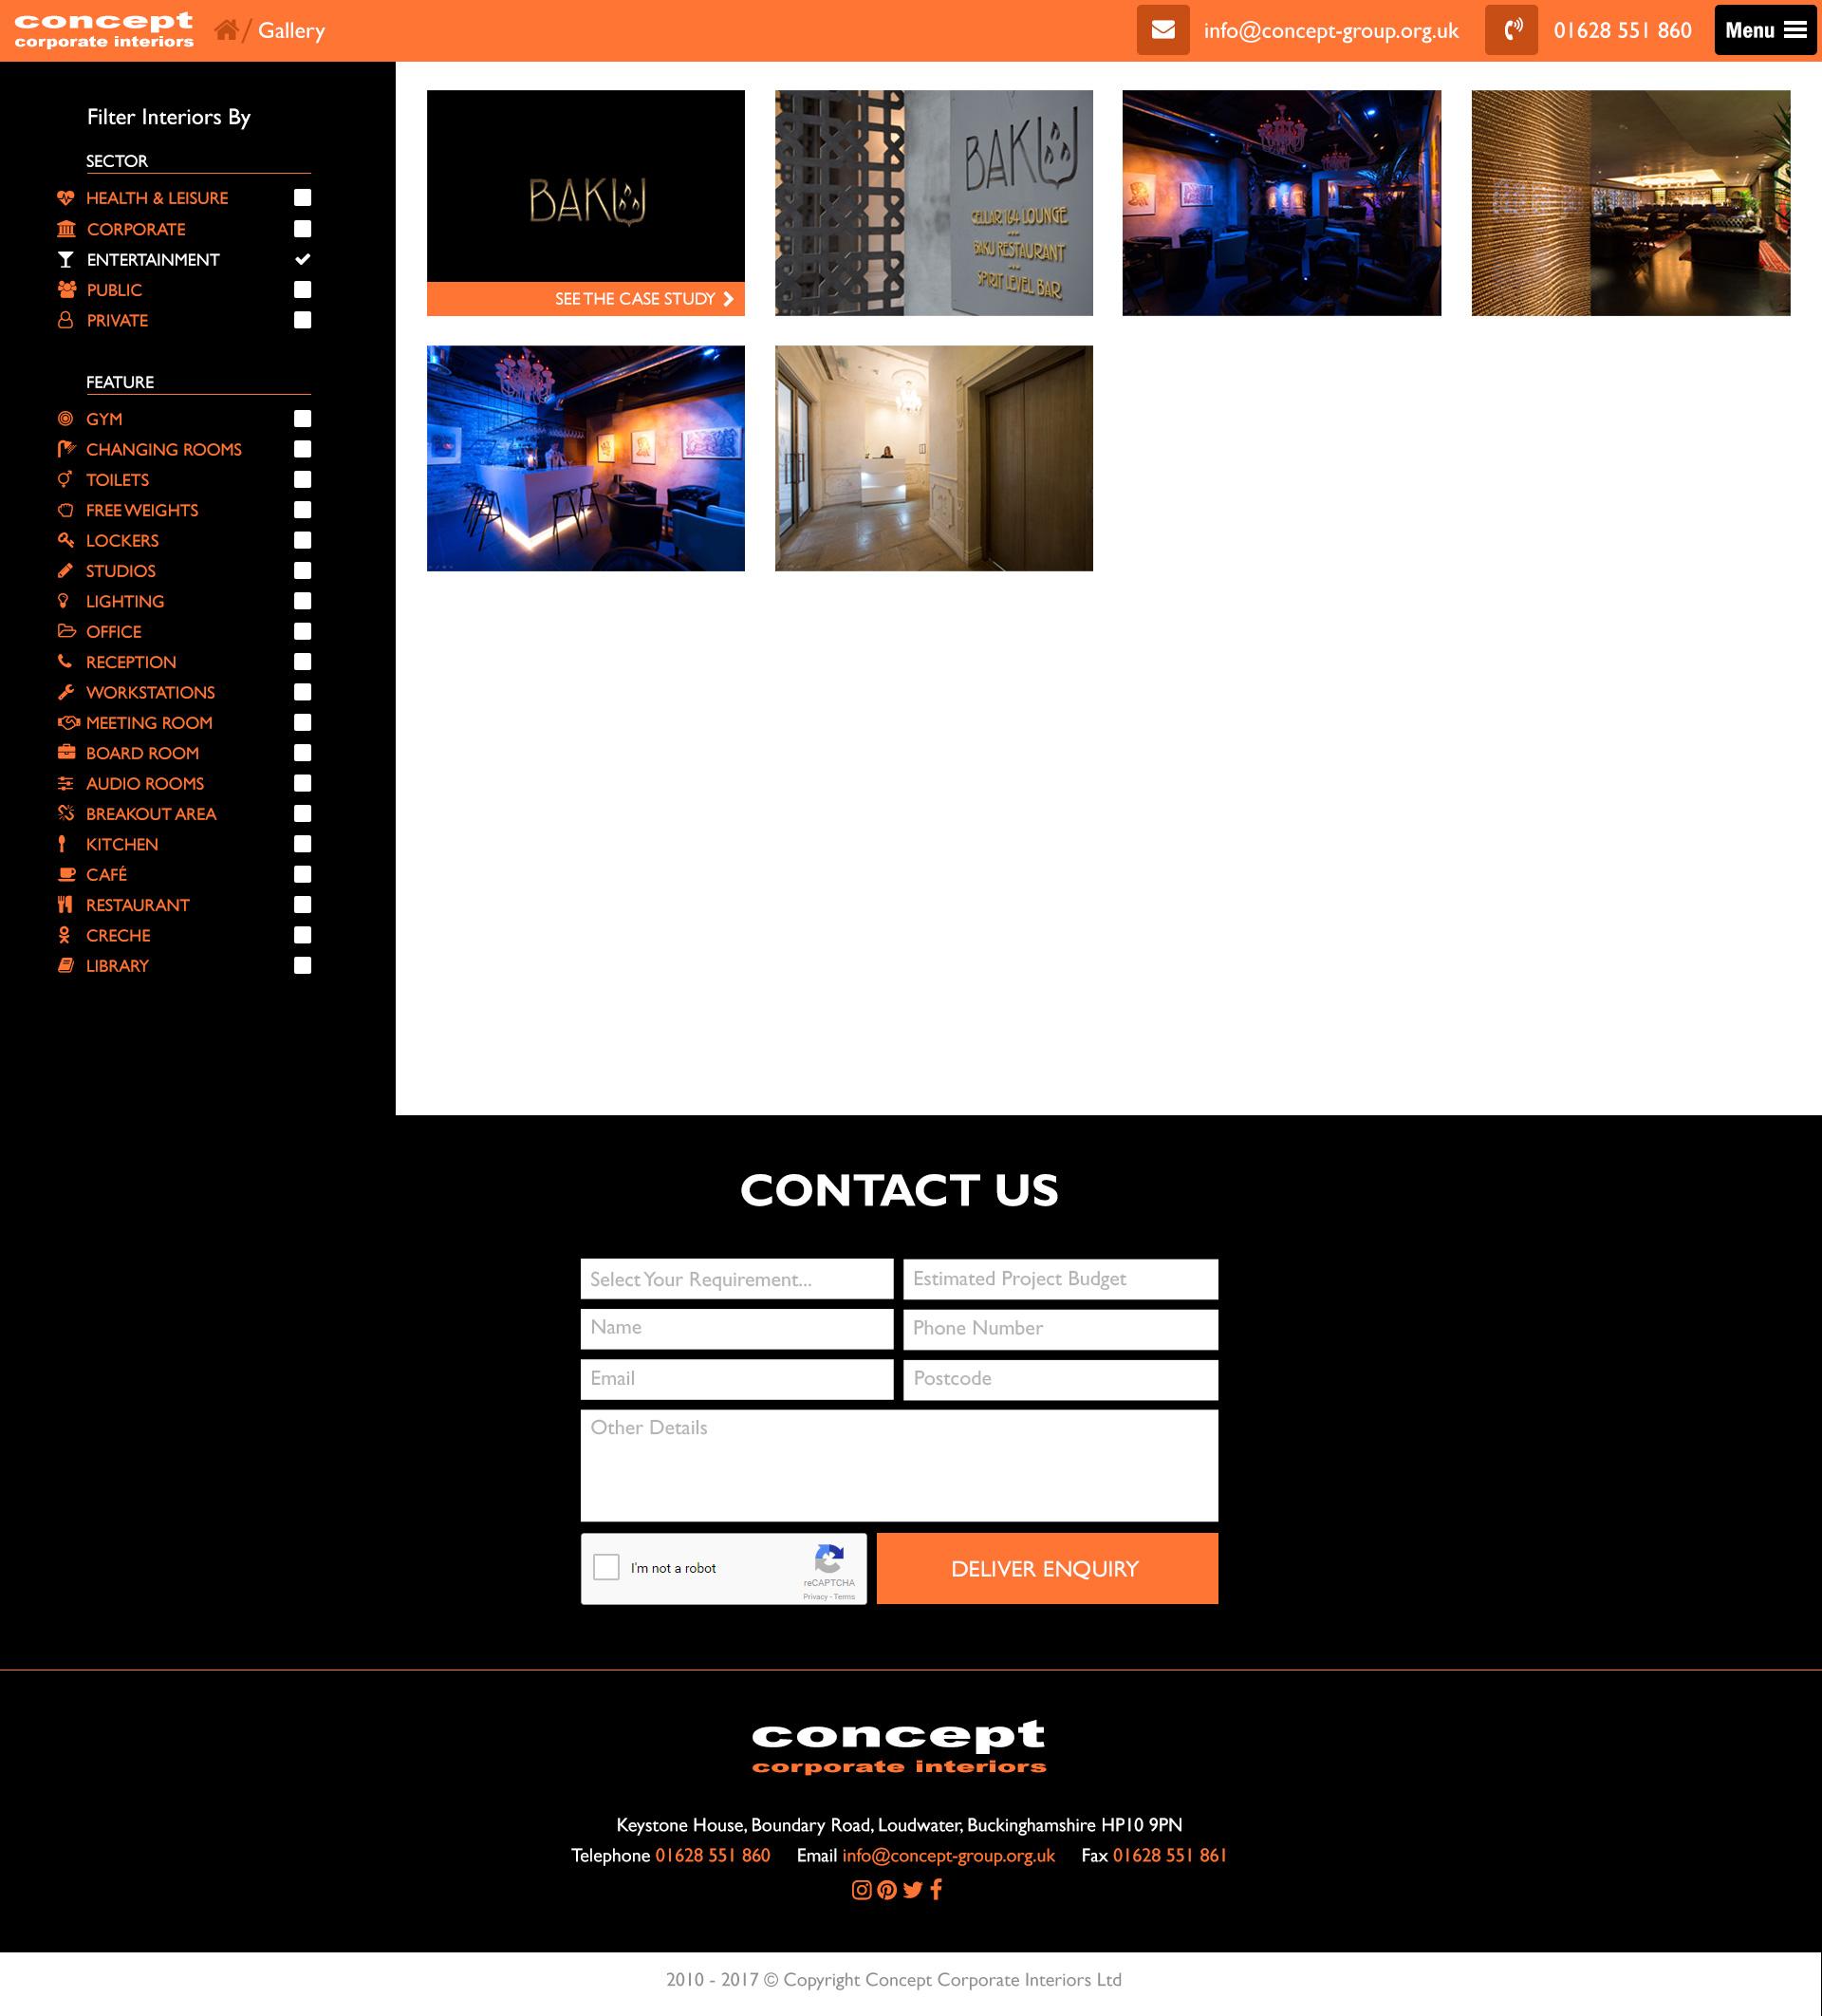 Concept Gallery 2 - Big Gun Digital